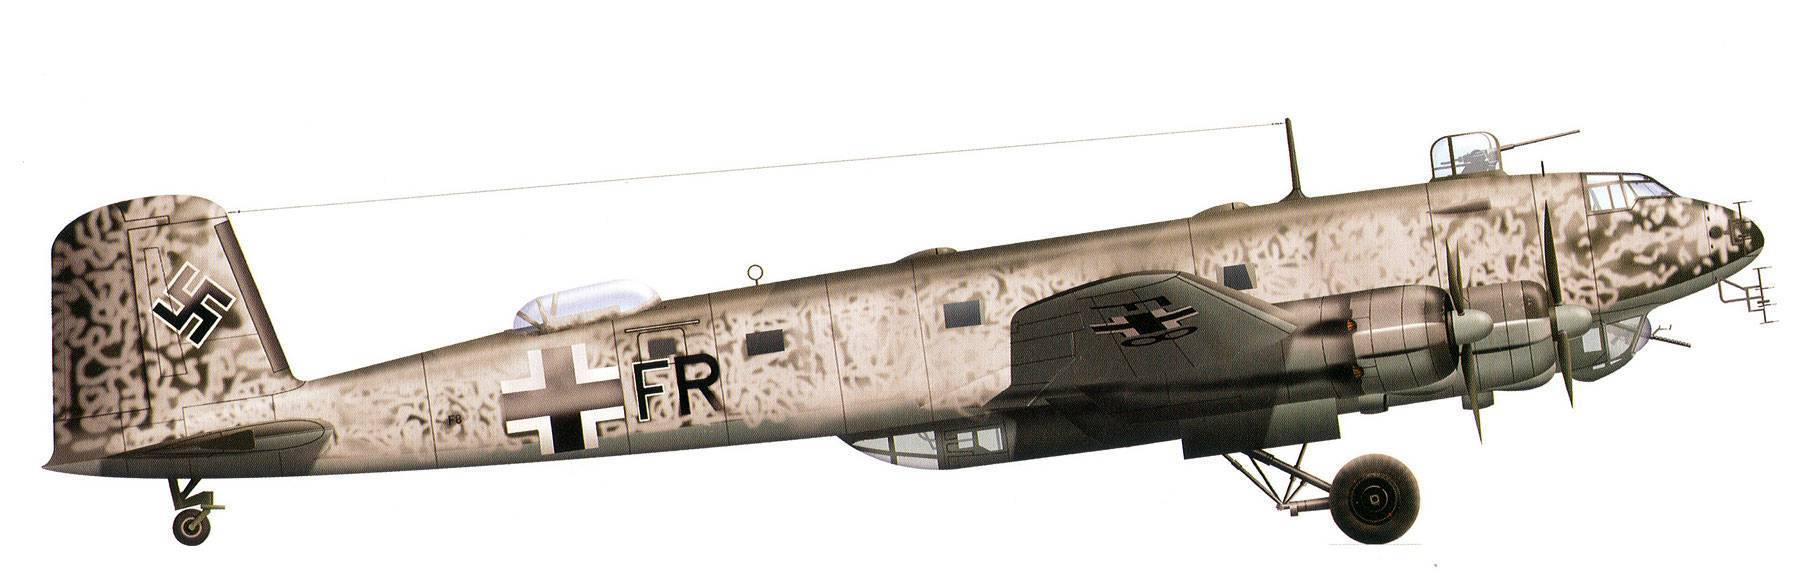 Focke-wulf fw 200 condor википедия